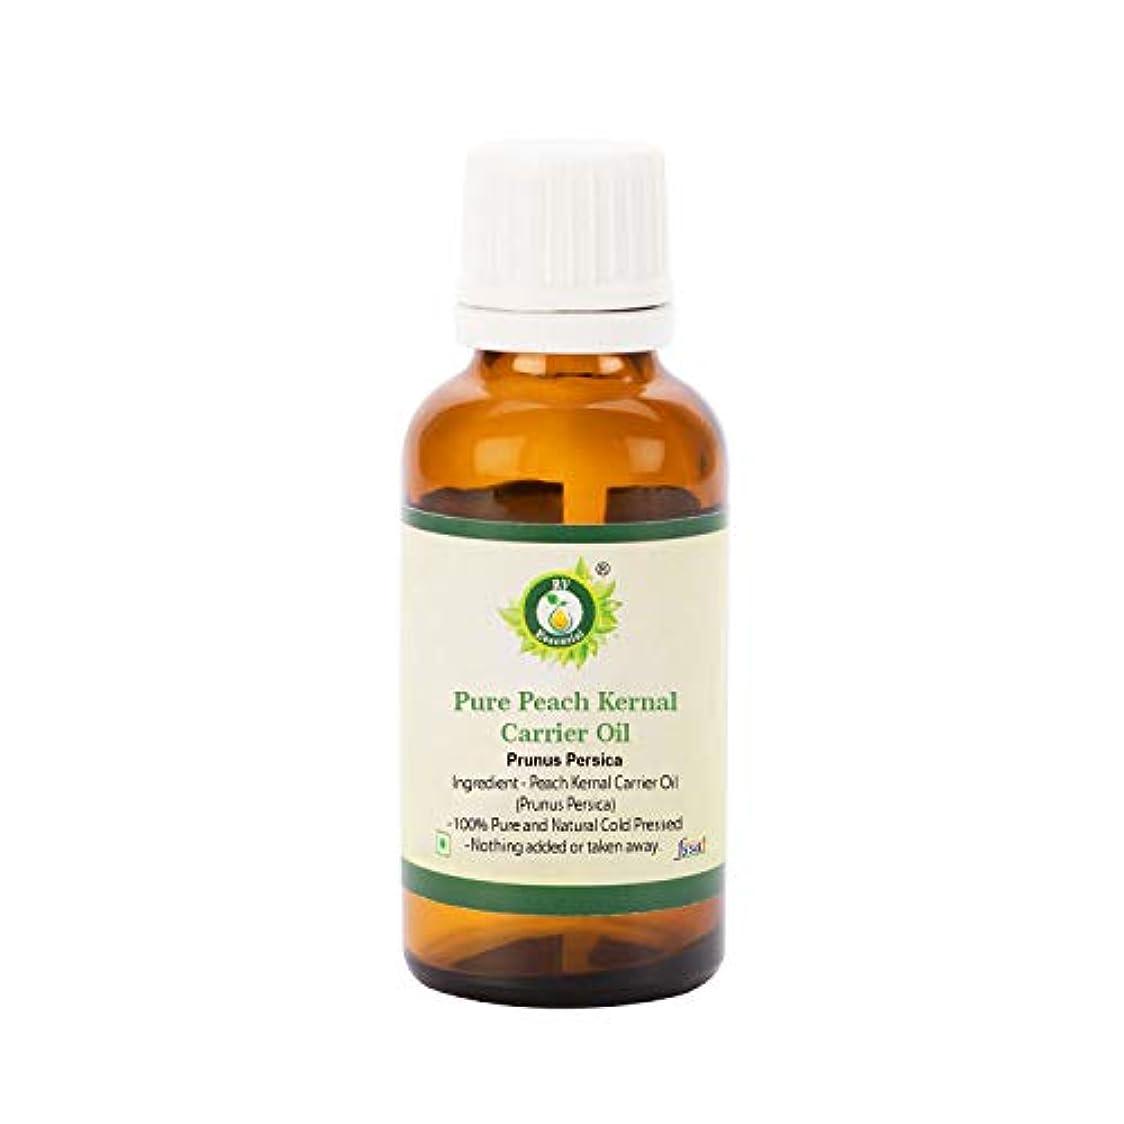 採用する精通した消毒剤R V Essential ピュアピーチ Kernalキャリアオイル30ml (1.01oz)- Prunus Persica (100%ピュア&ナチュラルコールドPressed) Pure Peach Kernal Carrier...